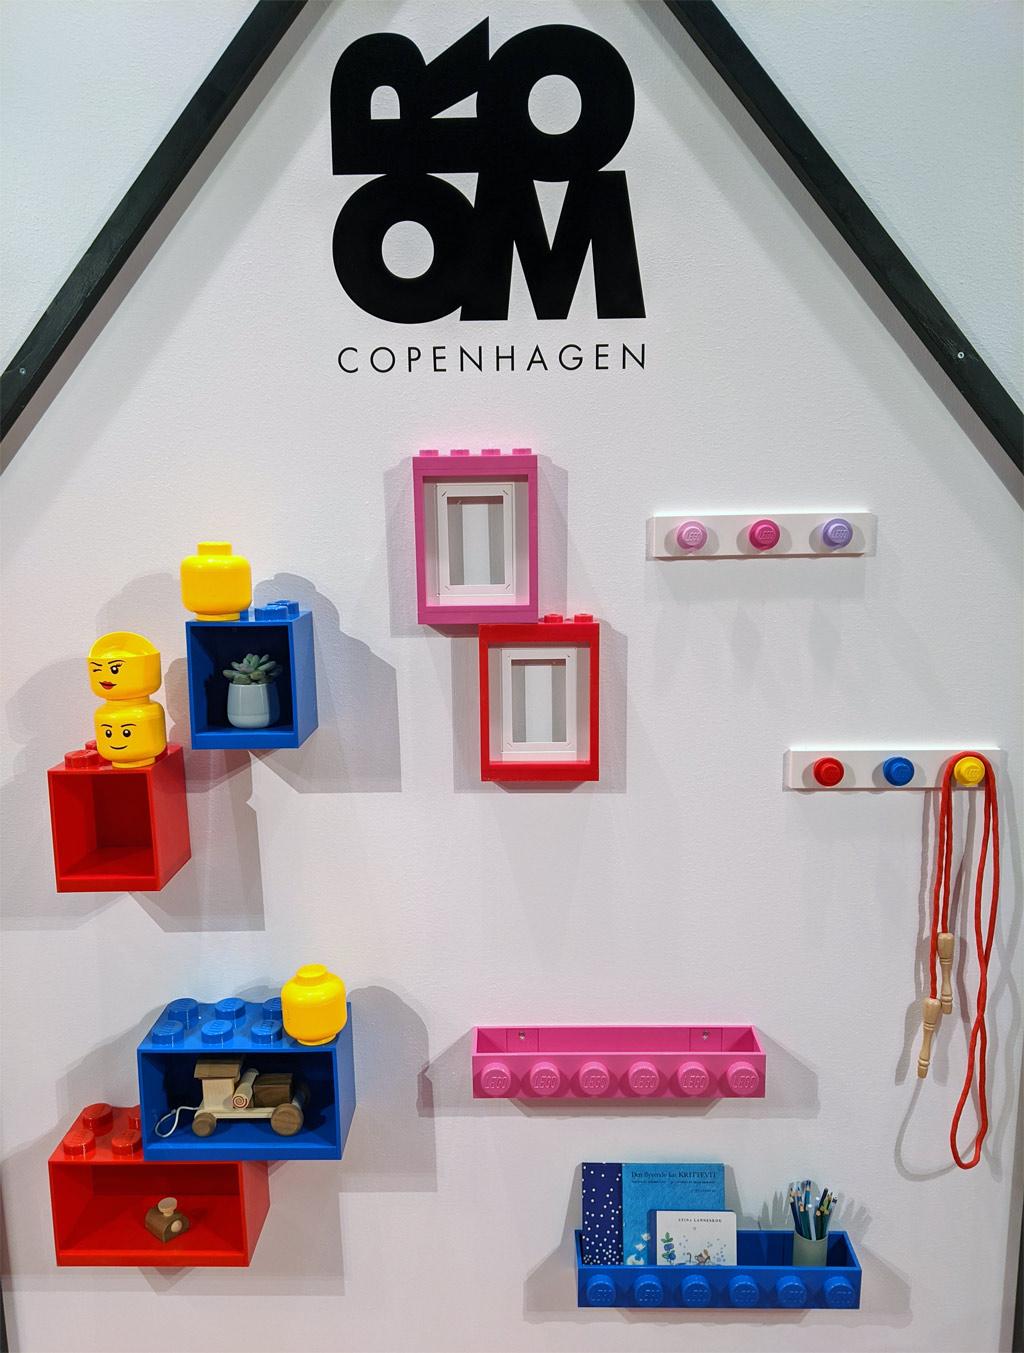 room-copenhagen-neue-lego-koepfe-zubehoer-uebersicht-2020-zusammengebaut-andres-lehmann zusammengebaut.com